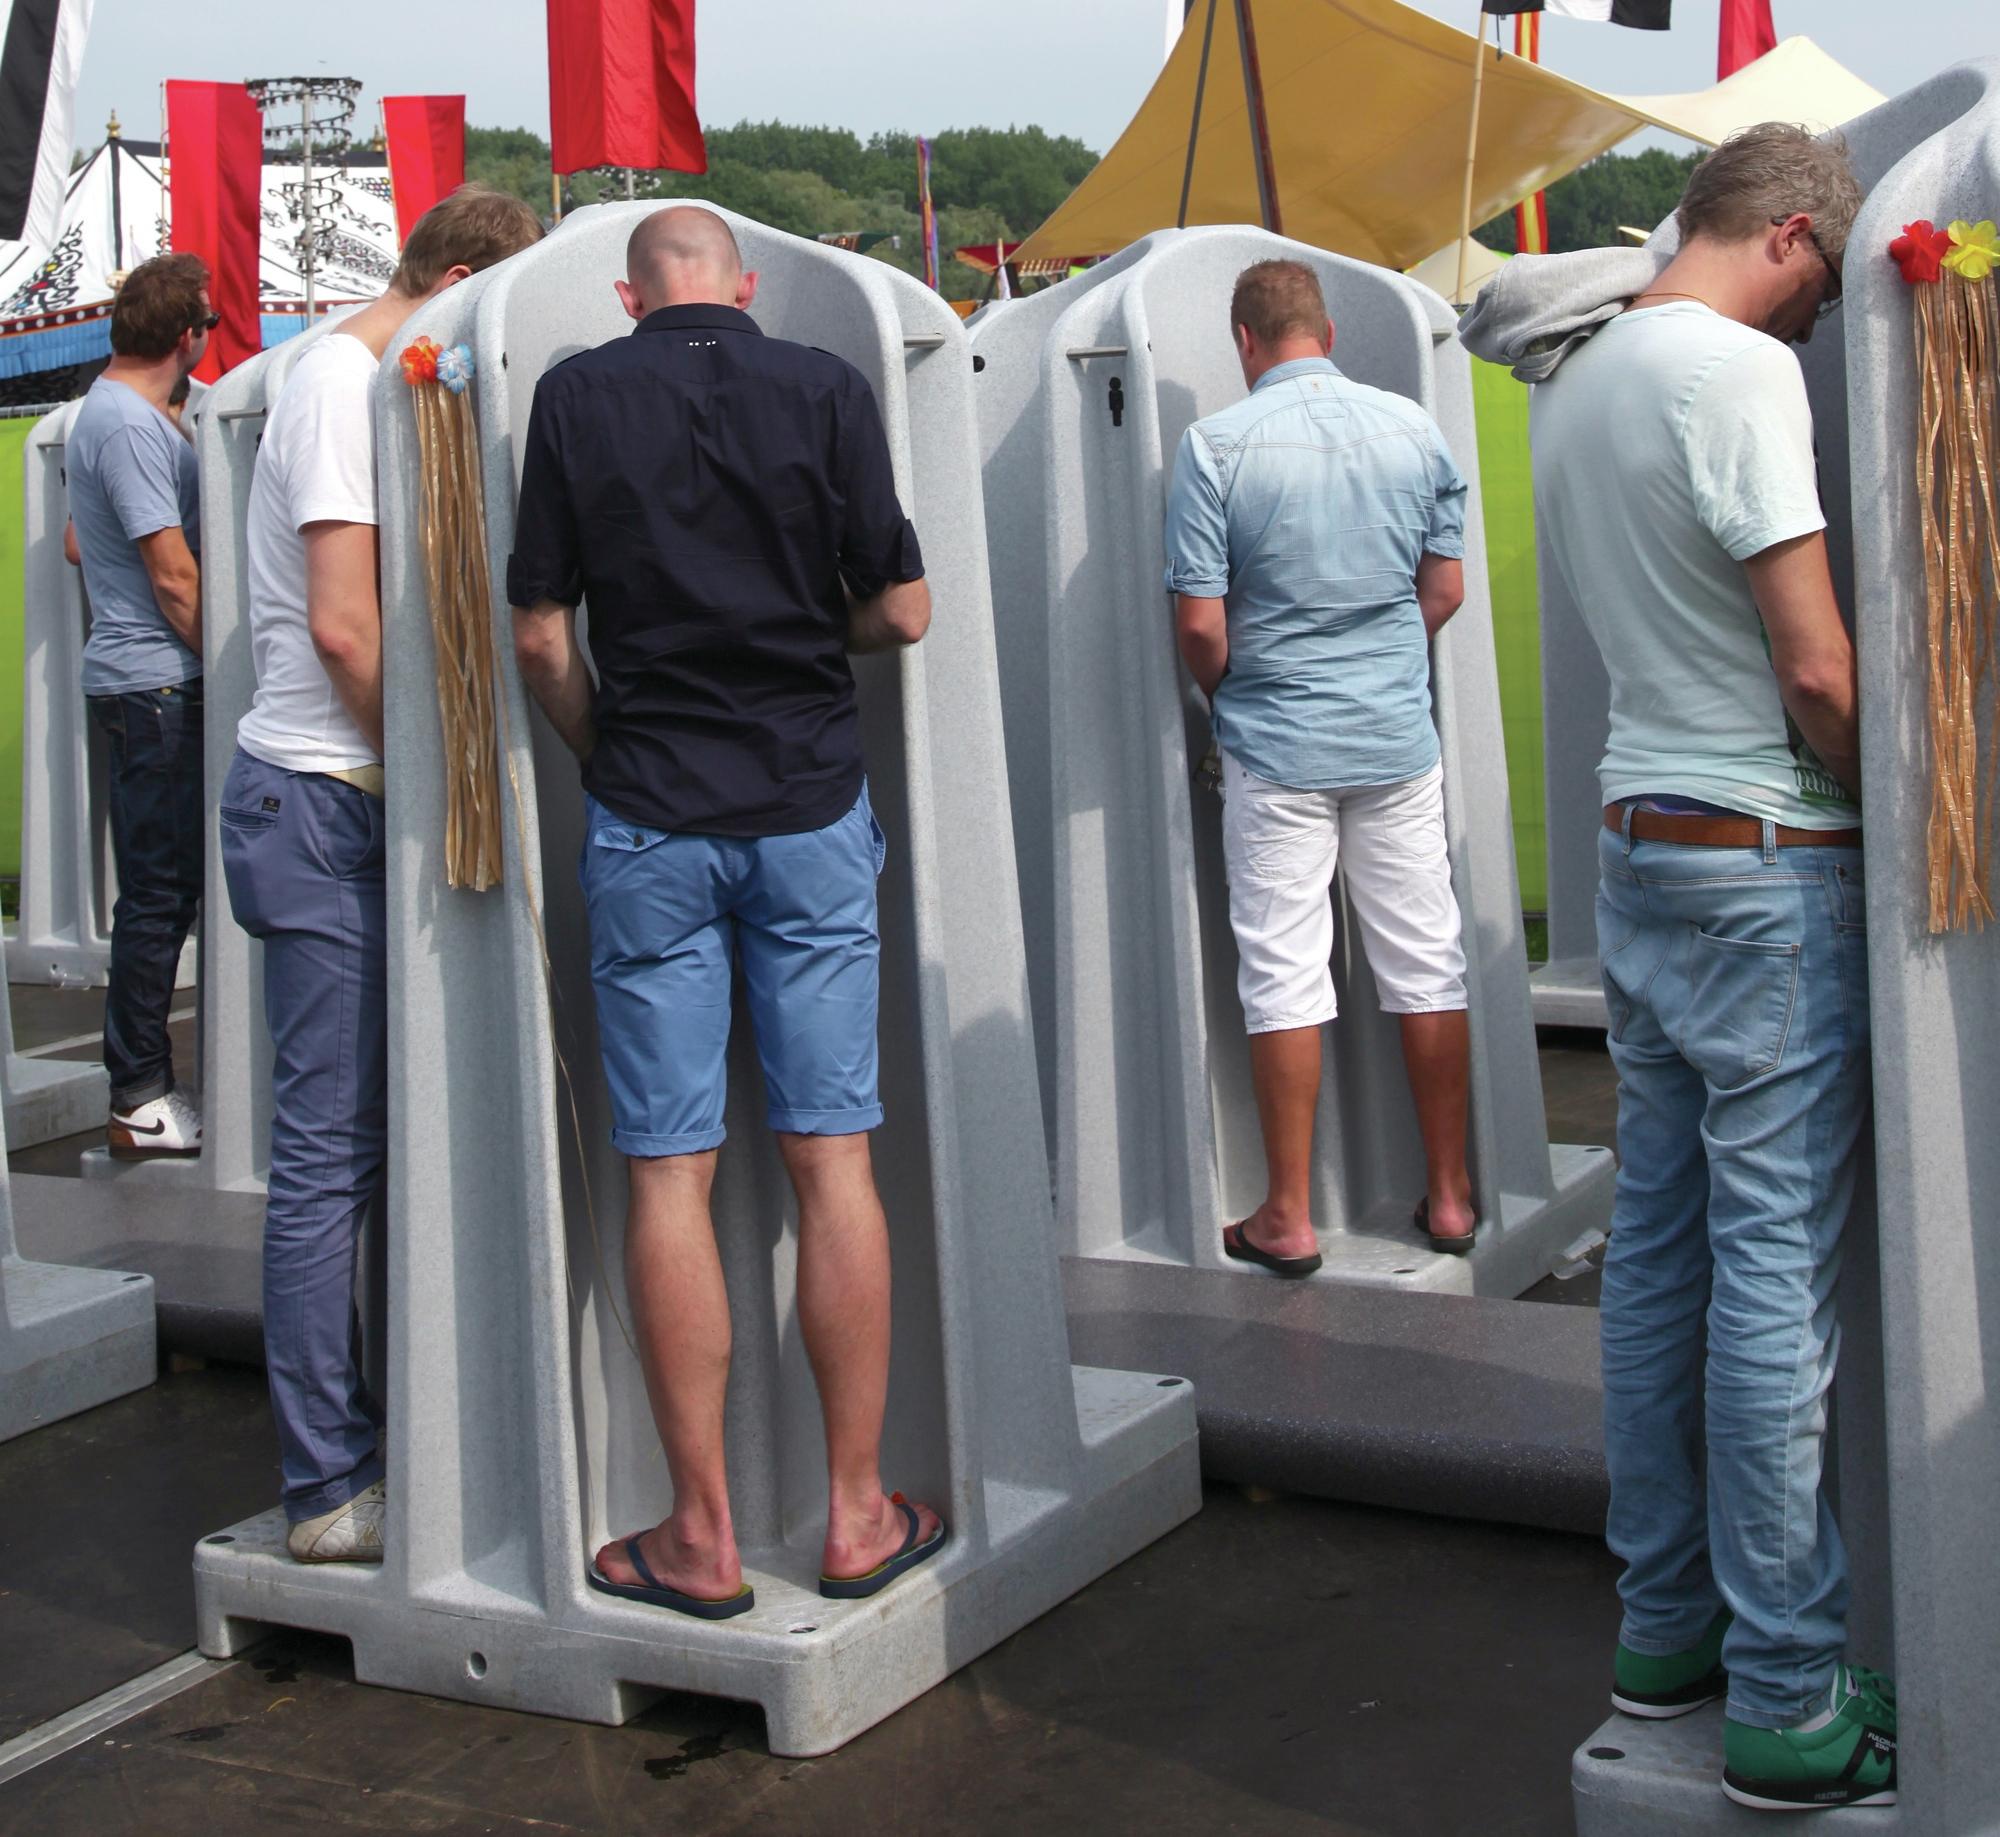 kros urinals public works magazine design kros